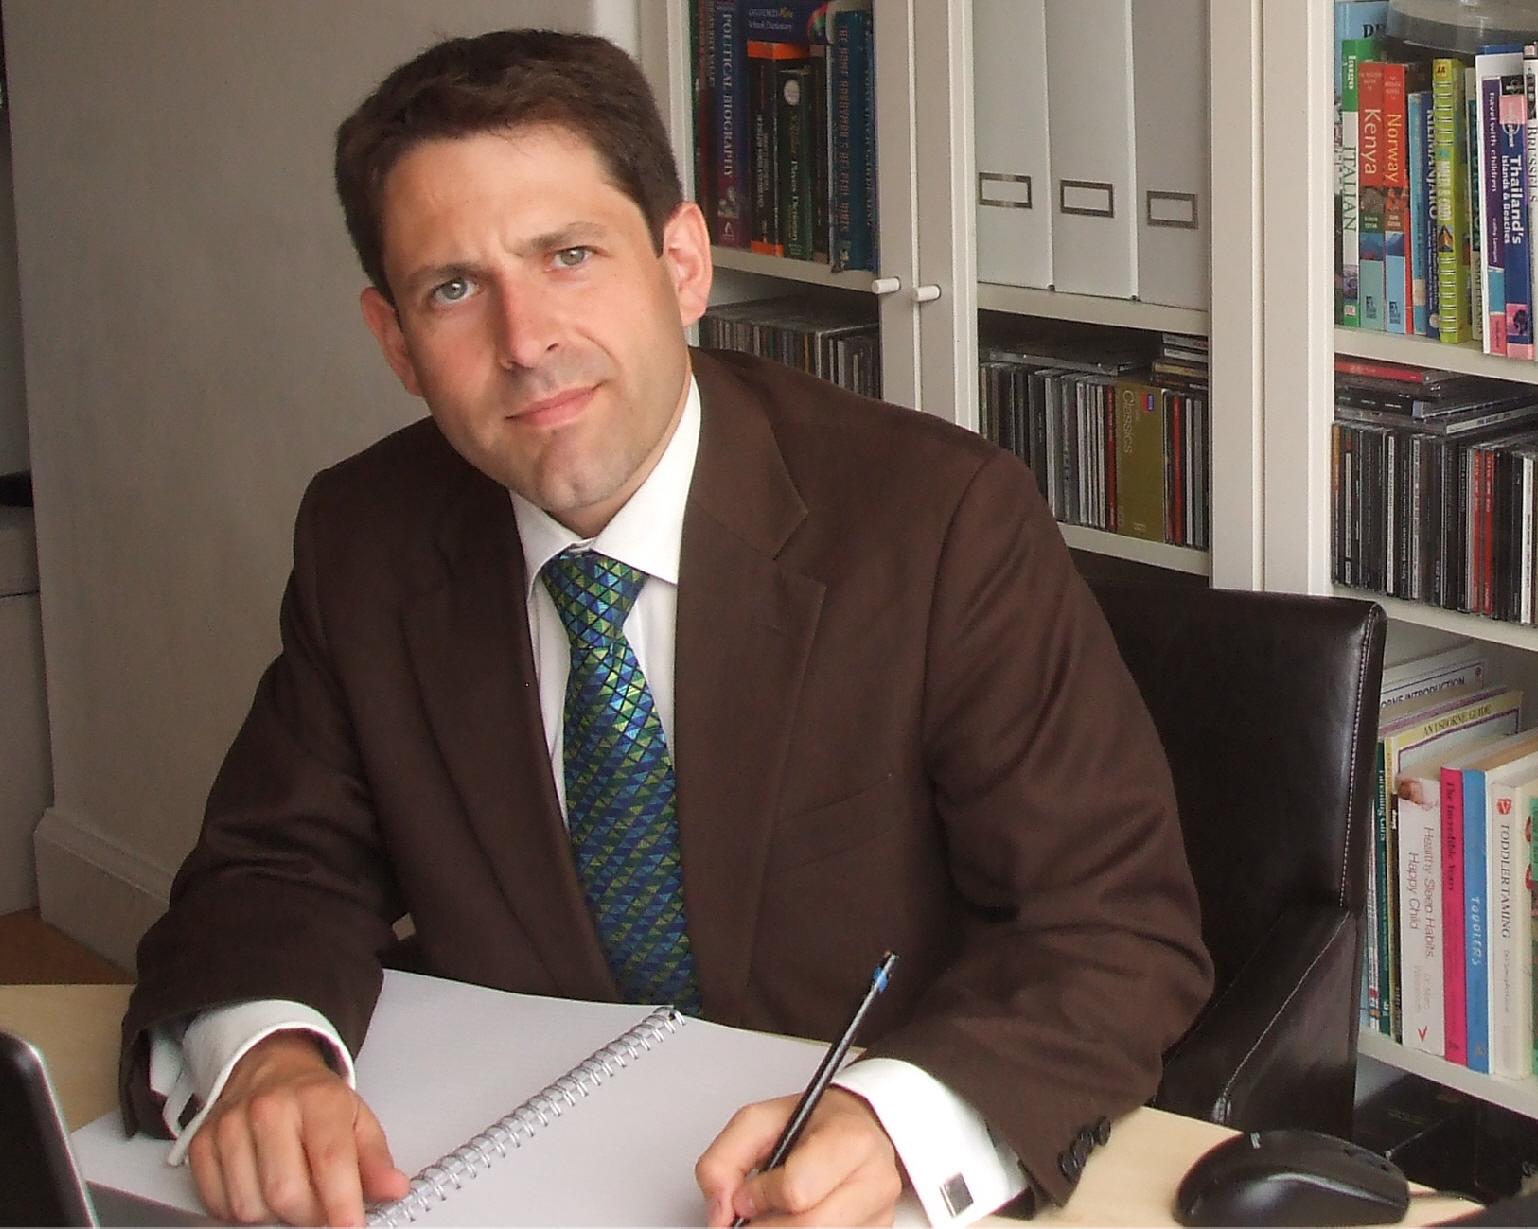 Duncan Hames